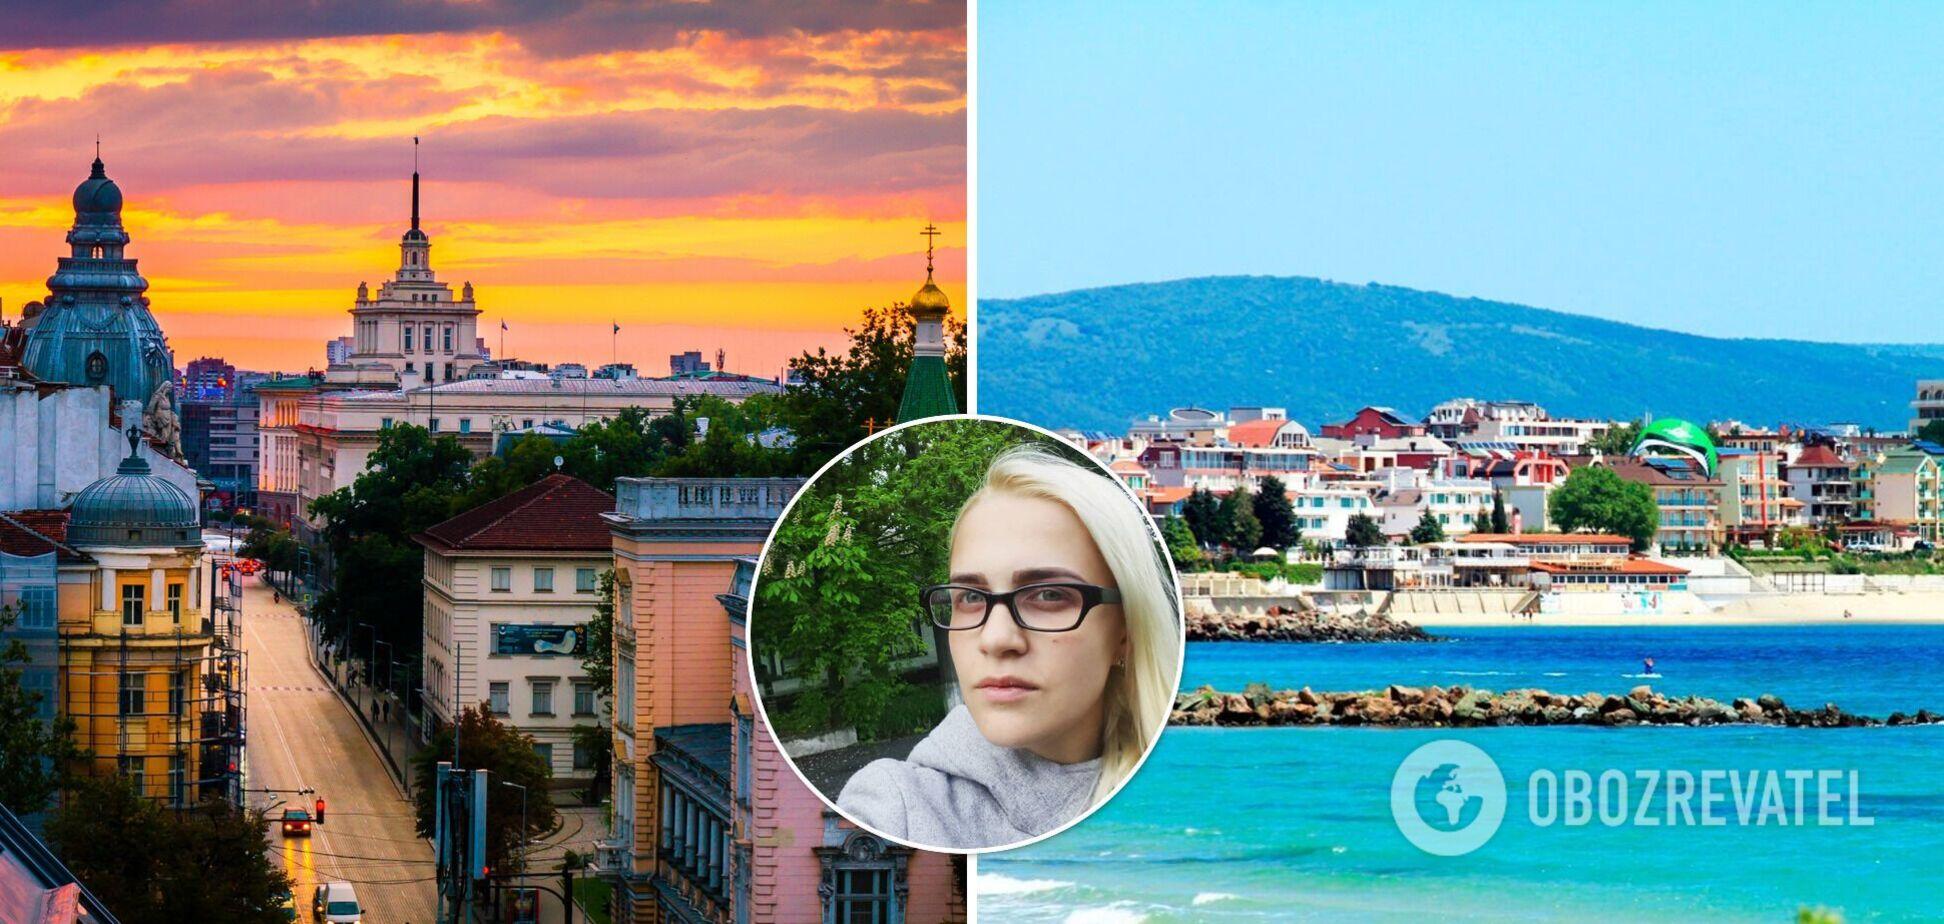 До 10 часов утра обслуживаются пенсионеры и средняя зарплата 20 тысяч грн: украинка – о жизни в Болгарии